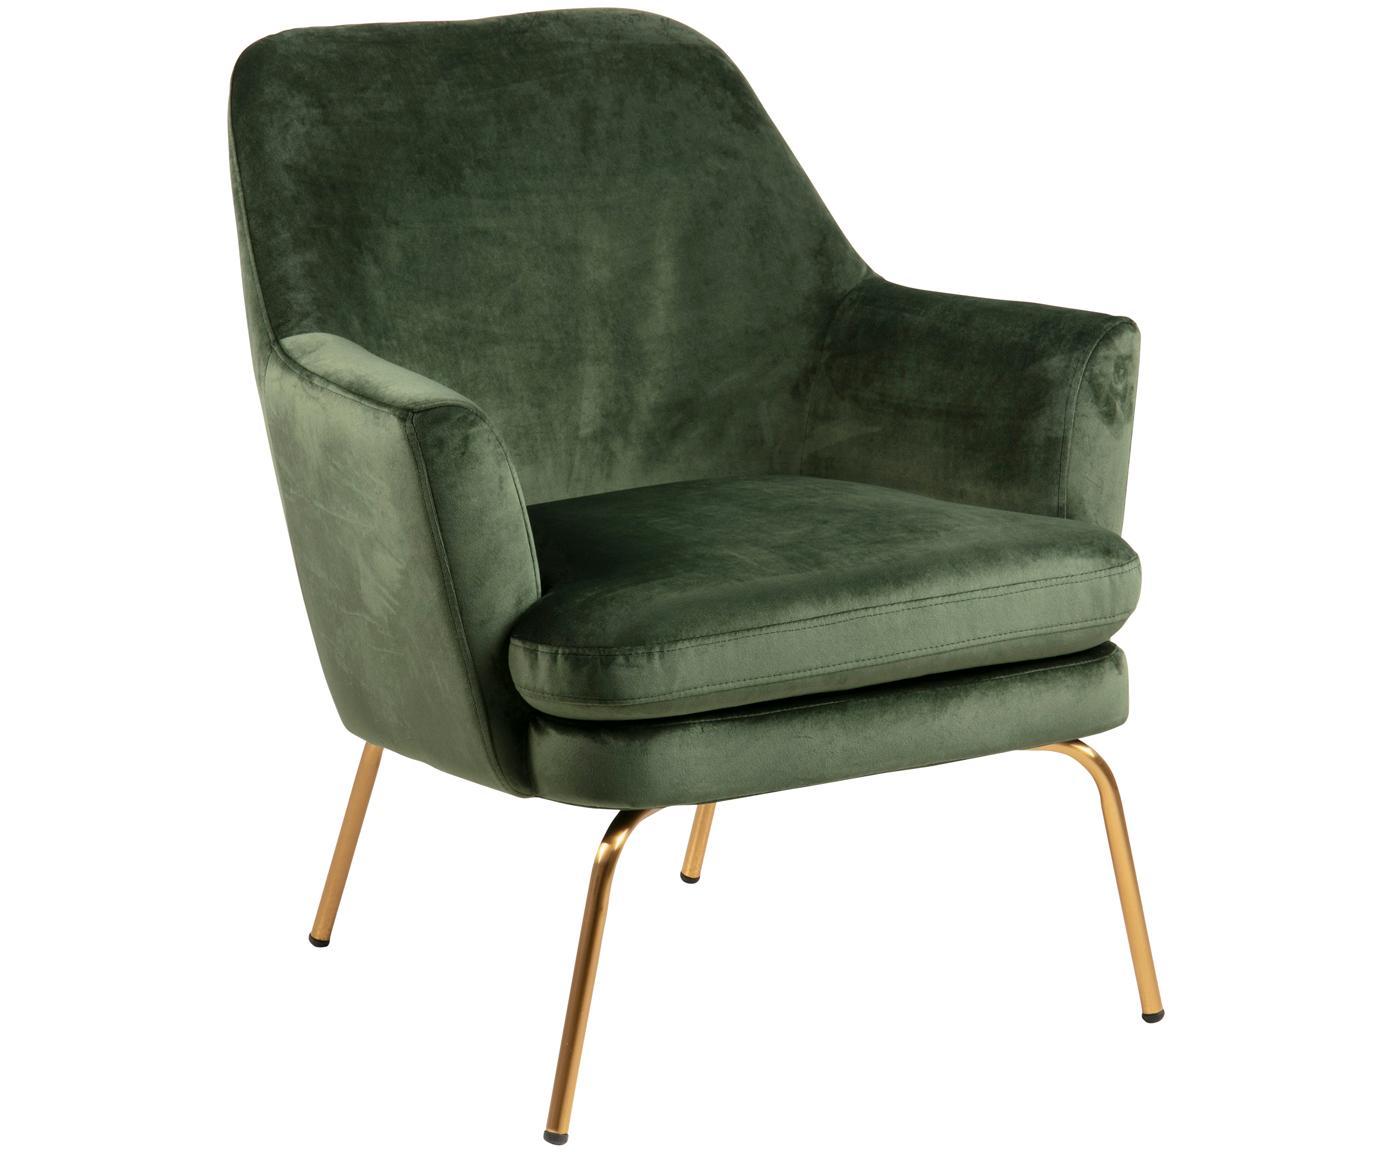 Fotel z aksamitu Chisa, Tapicerka: aksamit poliestrowy 25 00, Nogi: metal lakierowany, Aksamitny zielony leśny, S 74 x G 73 cm